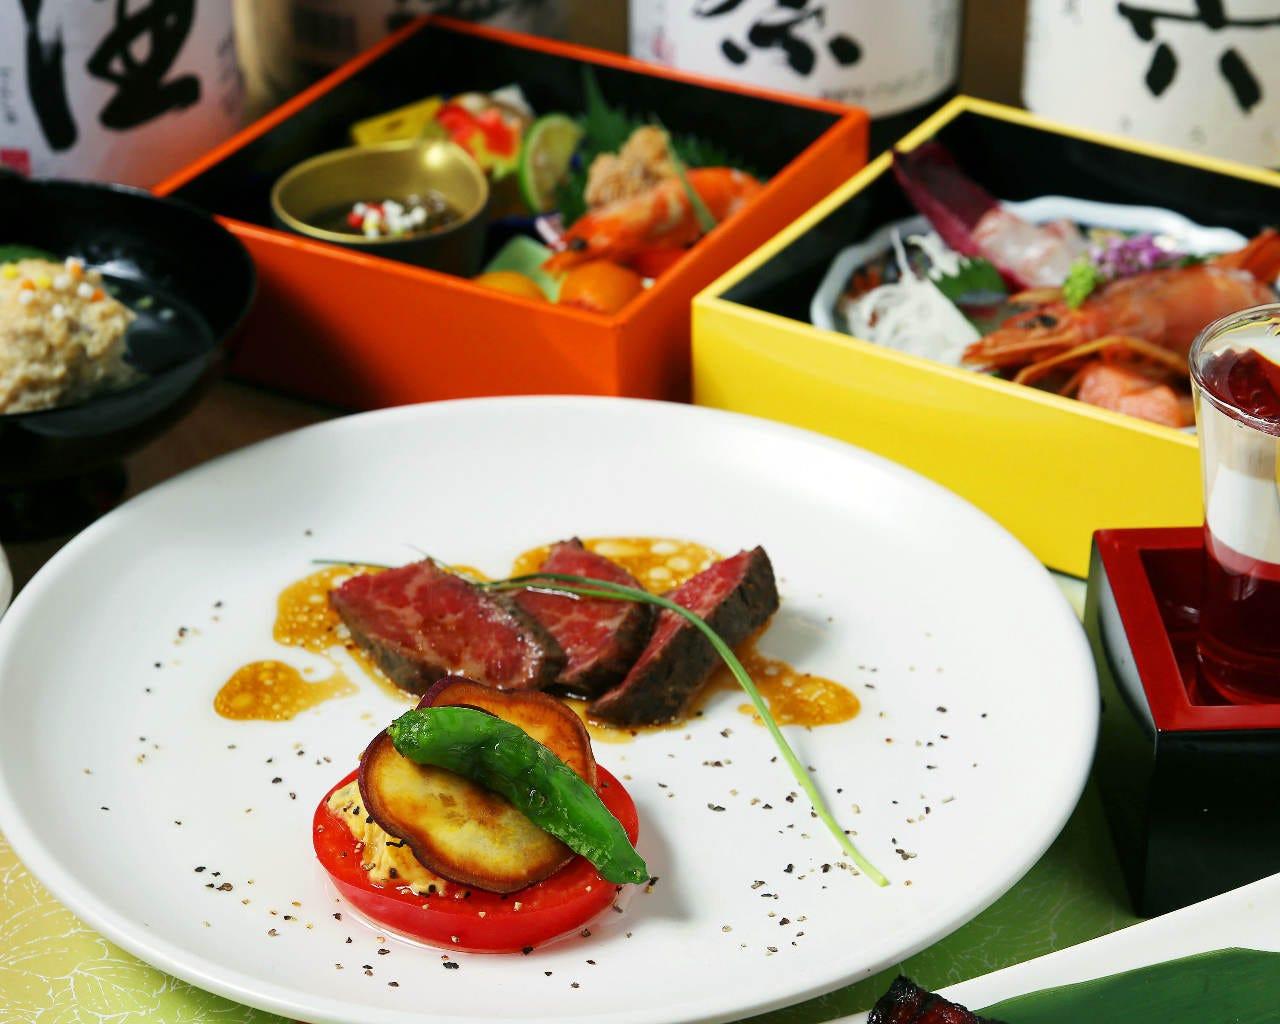 旬の食材を生かした和料理